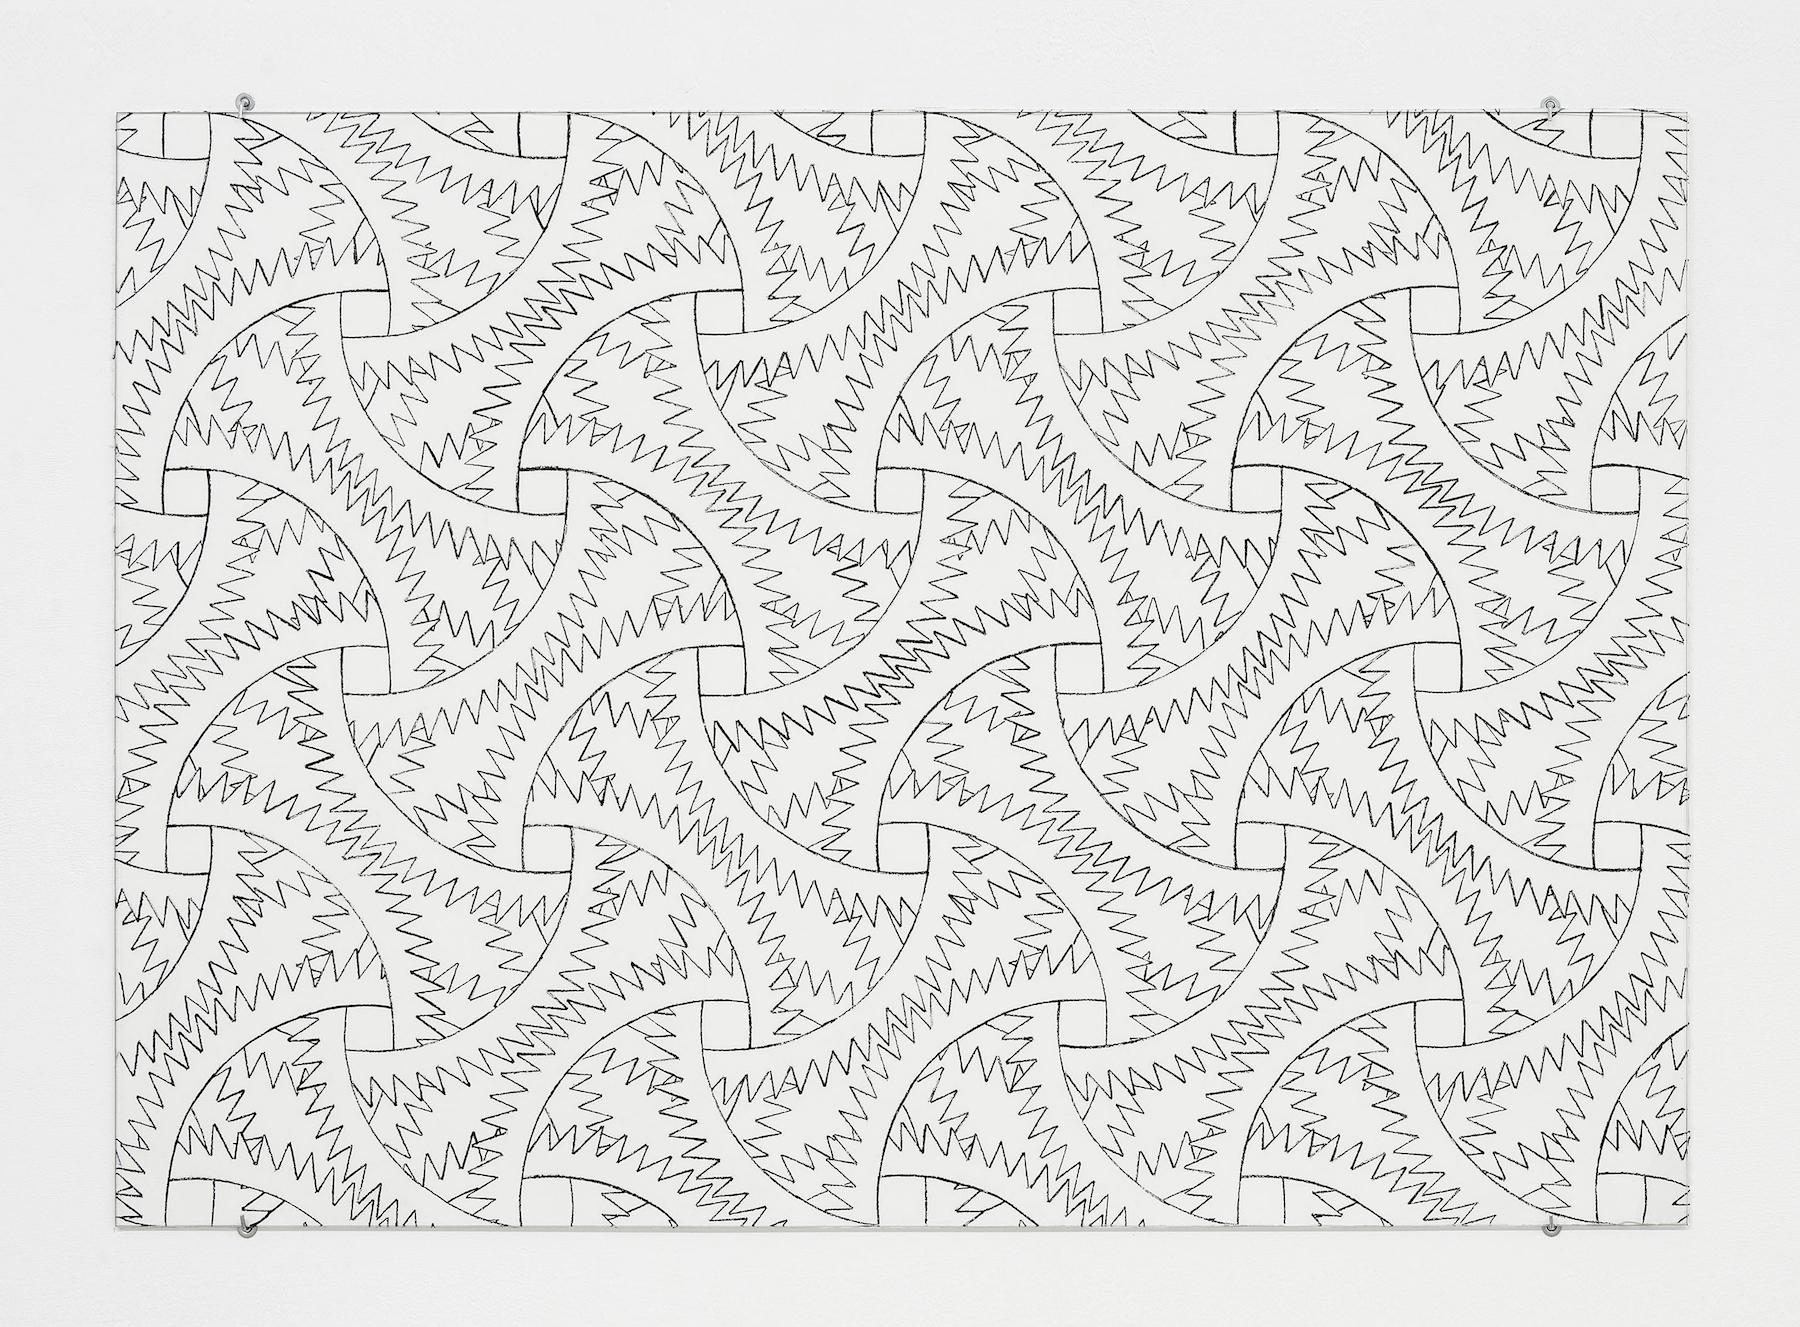 Sam Porritt, Going Nowhere IV, 2016. Brush and ink on paper. 100 x 70 cm.